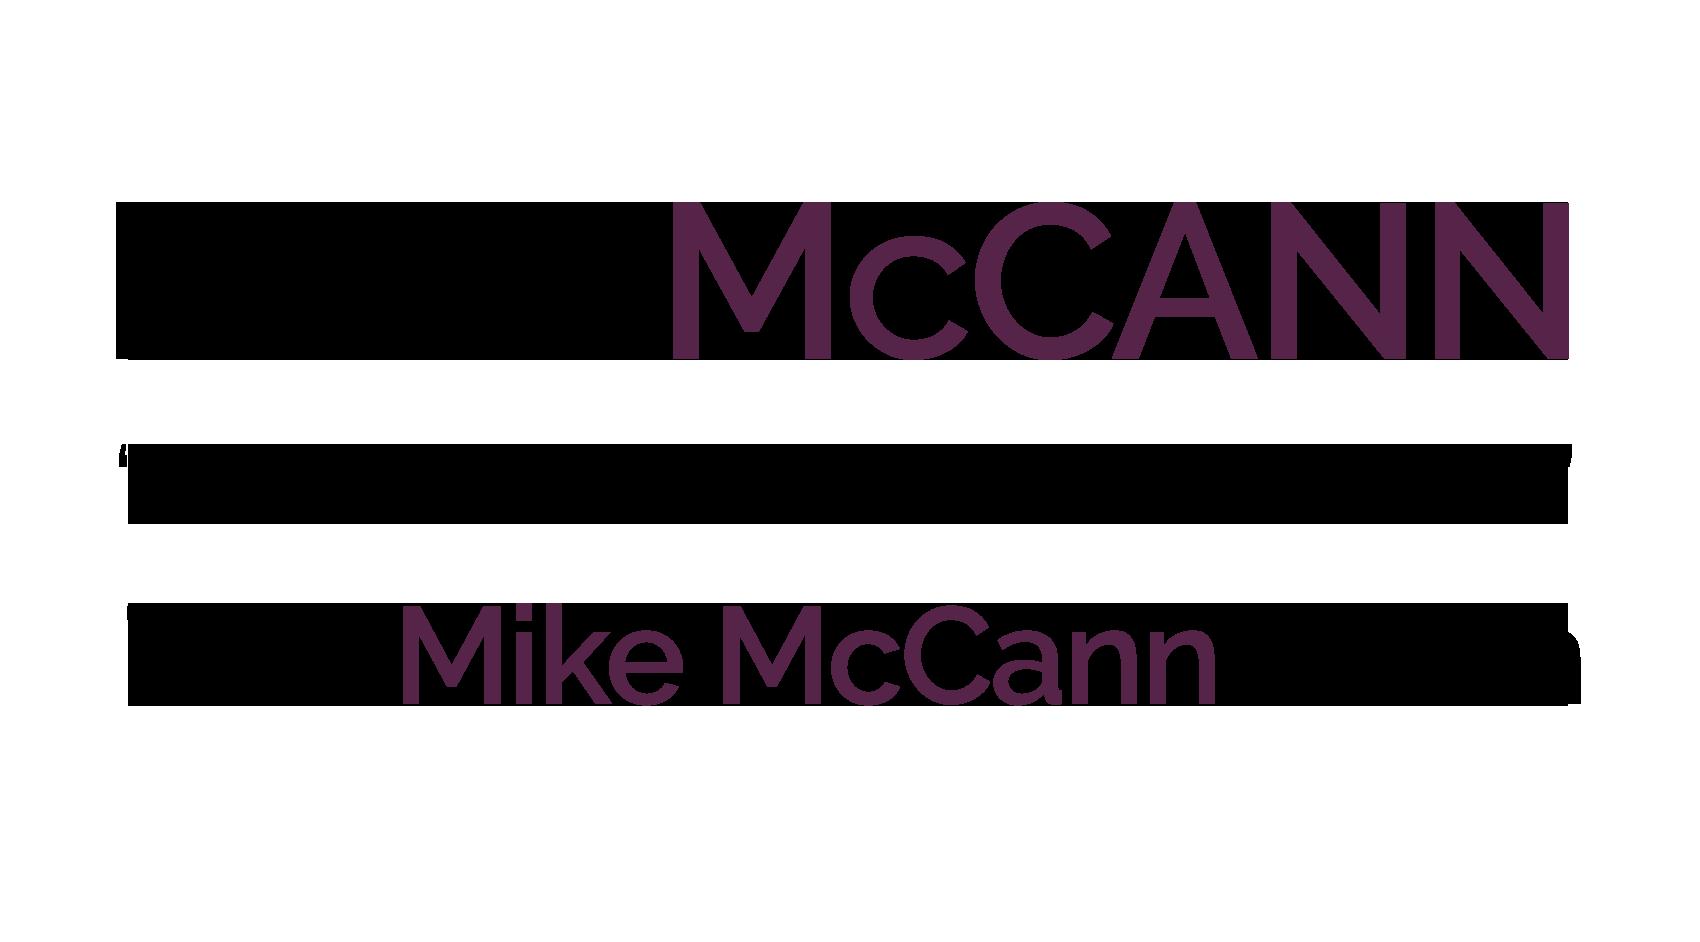 mikemccann_logo_update.png